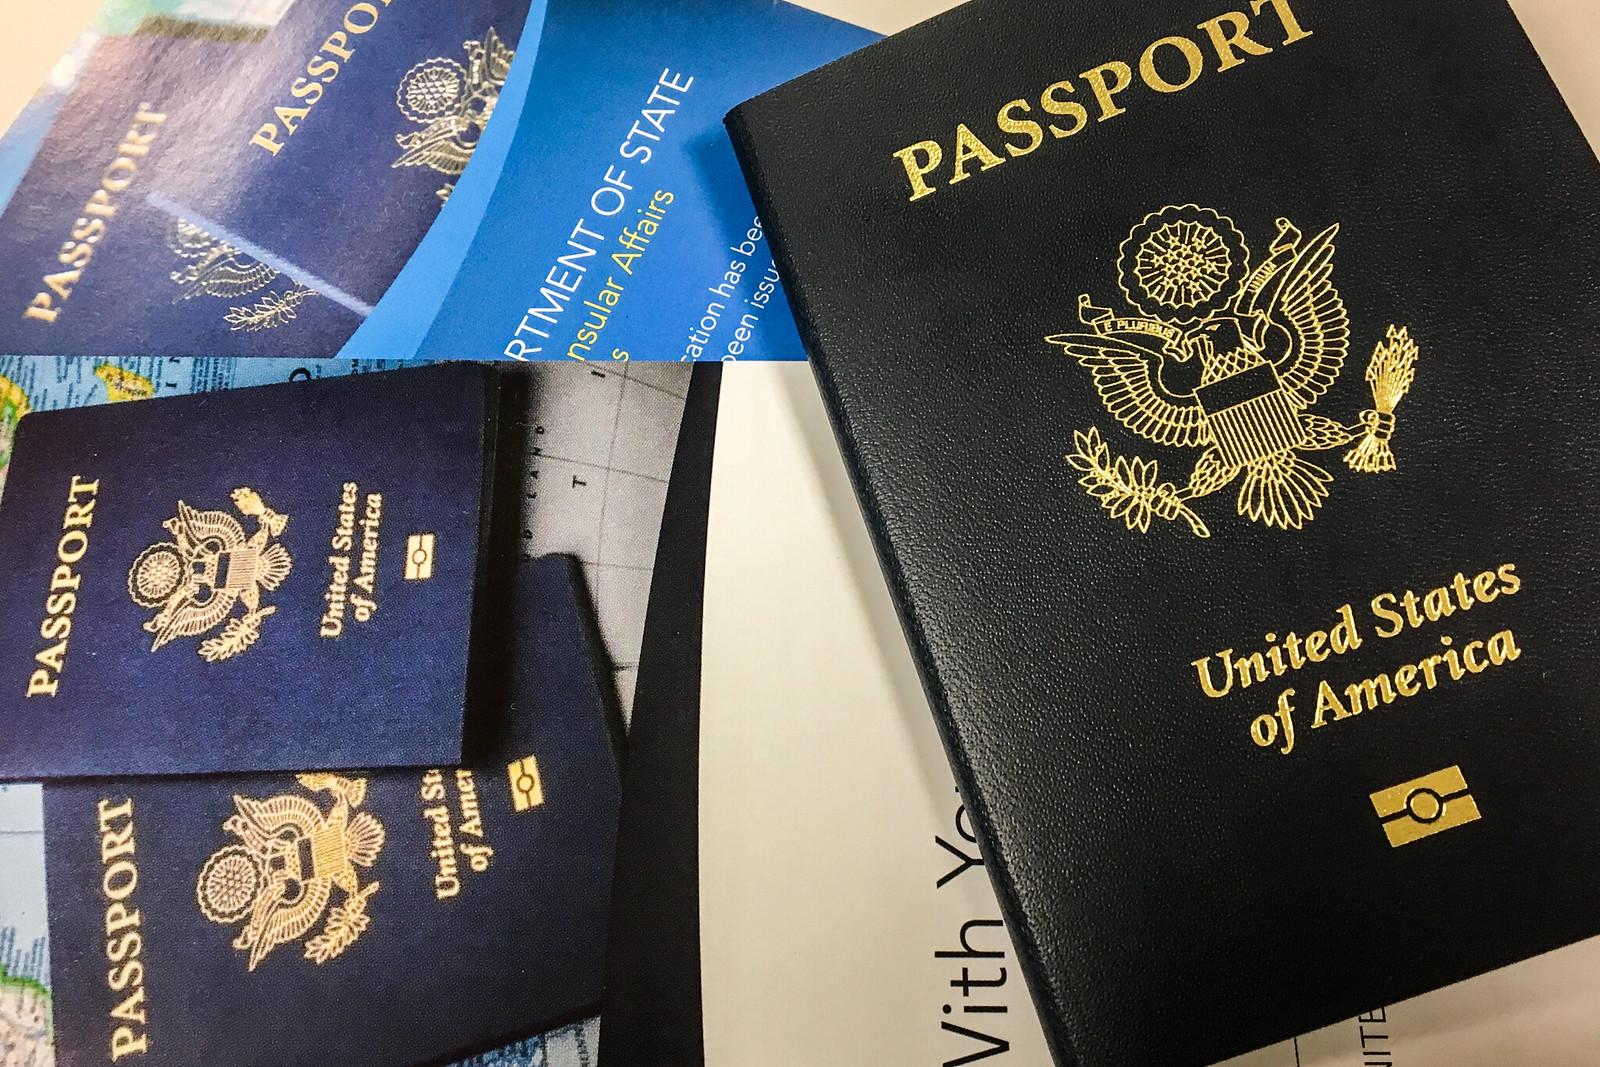 Lộ trình lấy quốc tịch Mỹ bằng con đường đầu tư định cư diện EB-5